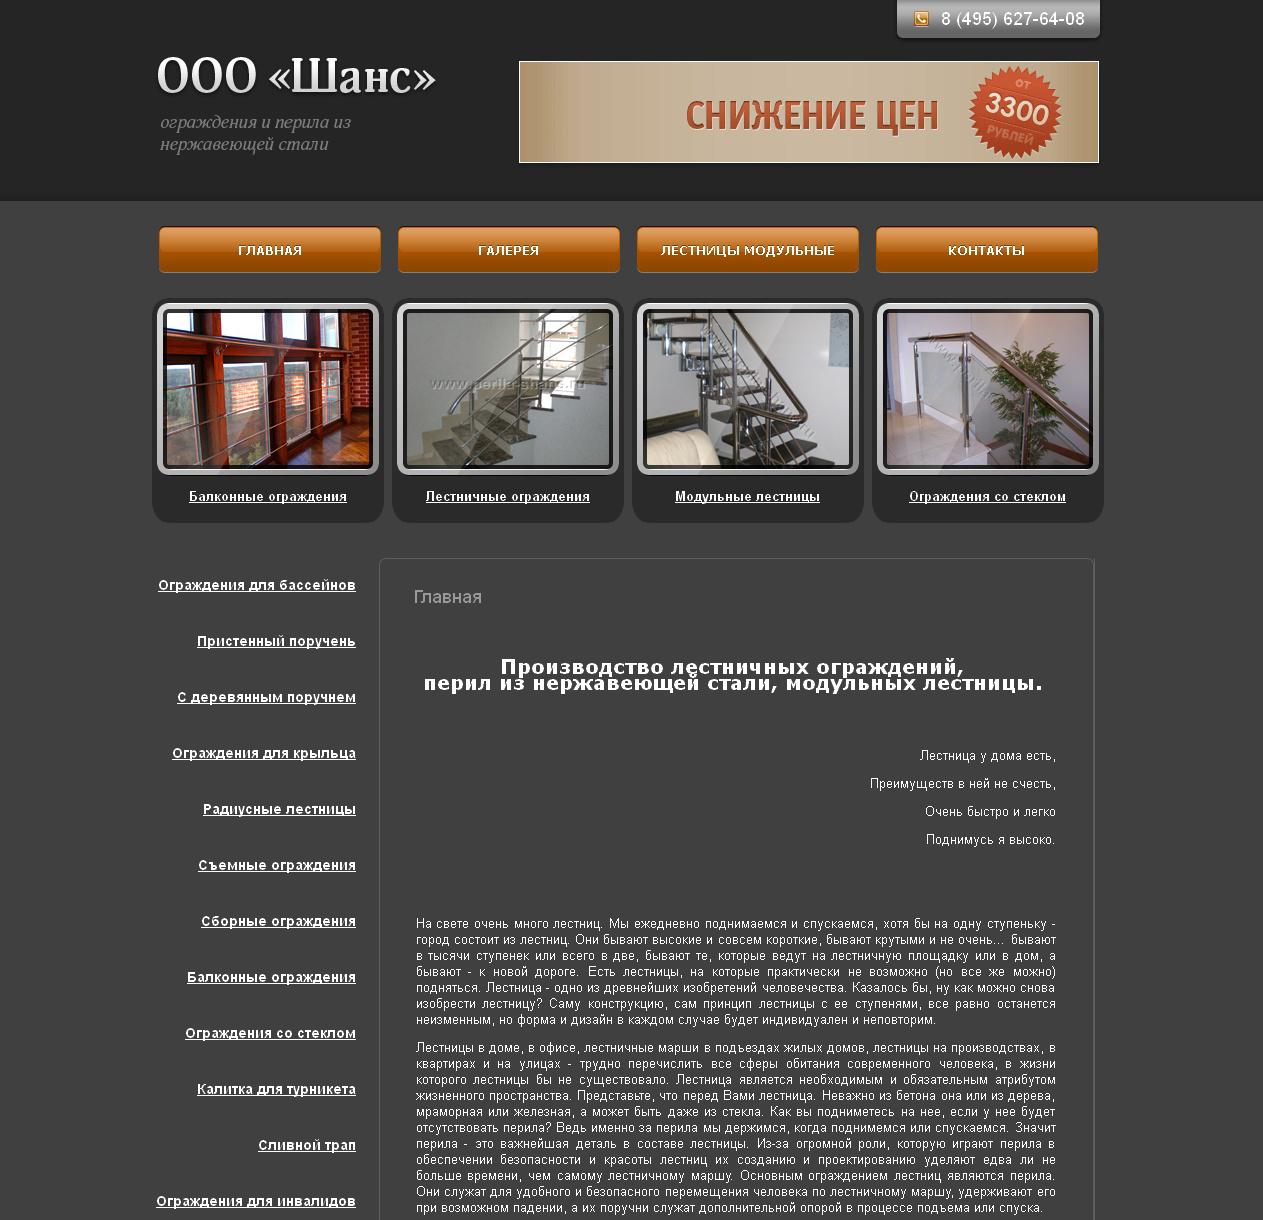 Главная страница сайта строительства.